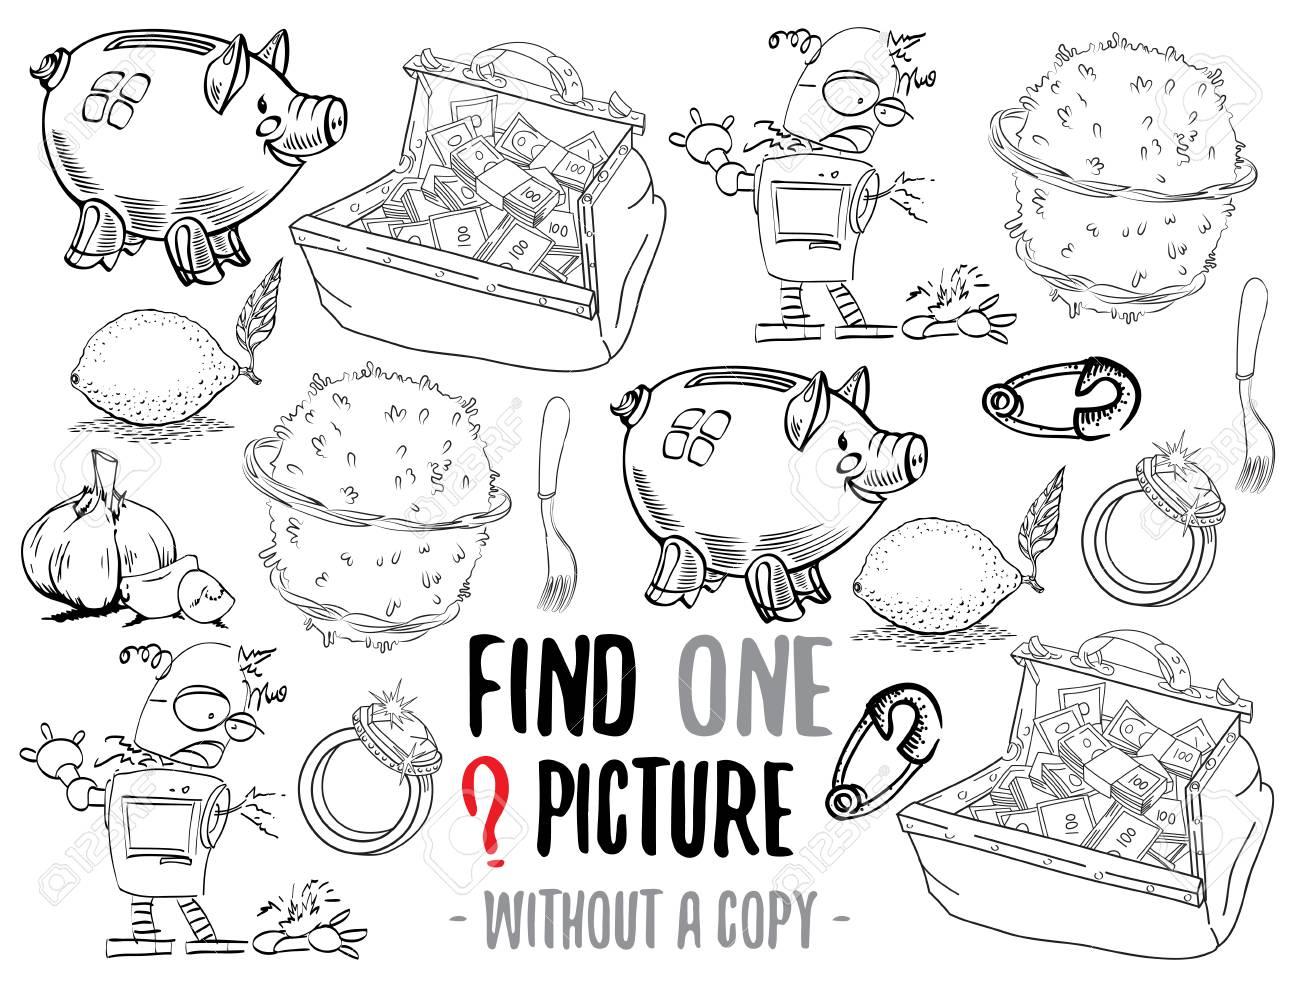 Encuentra Una Imagen Sin Una Copia Juego Educativo Para Niños Con Personajes De Dibujos Animados Personajes Listos Para Colorear